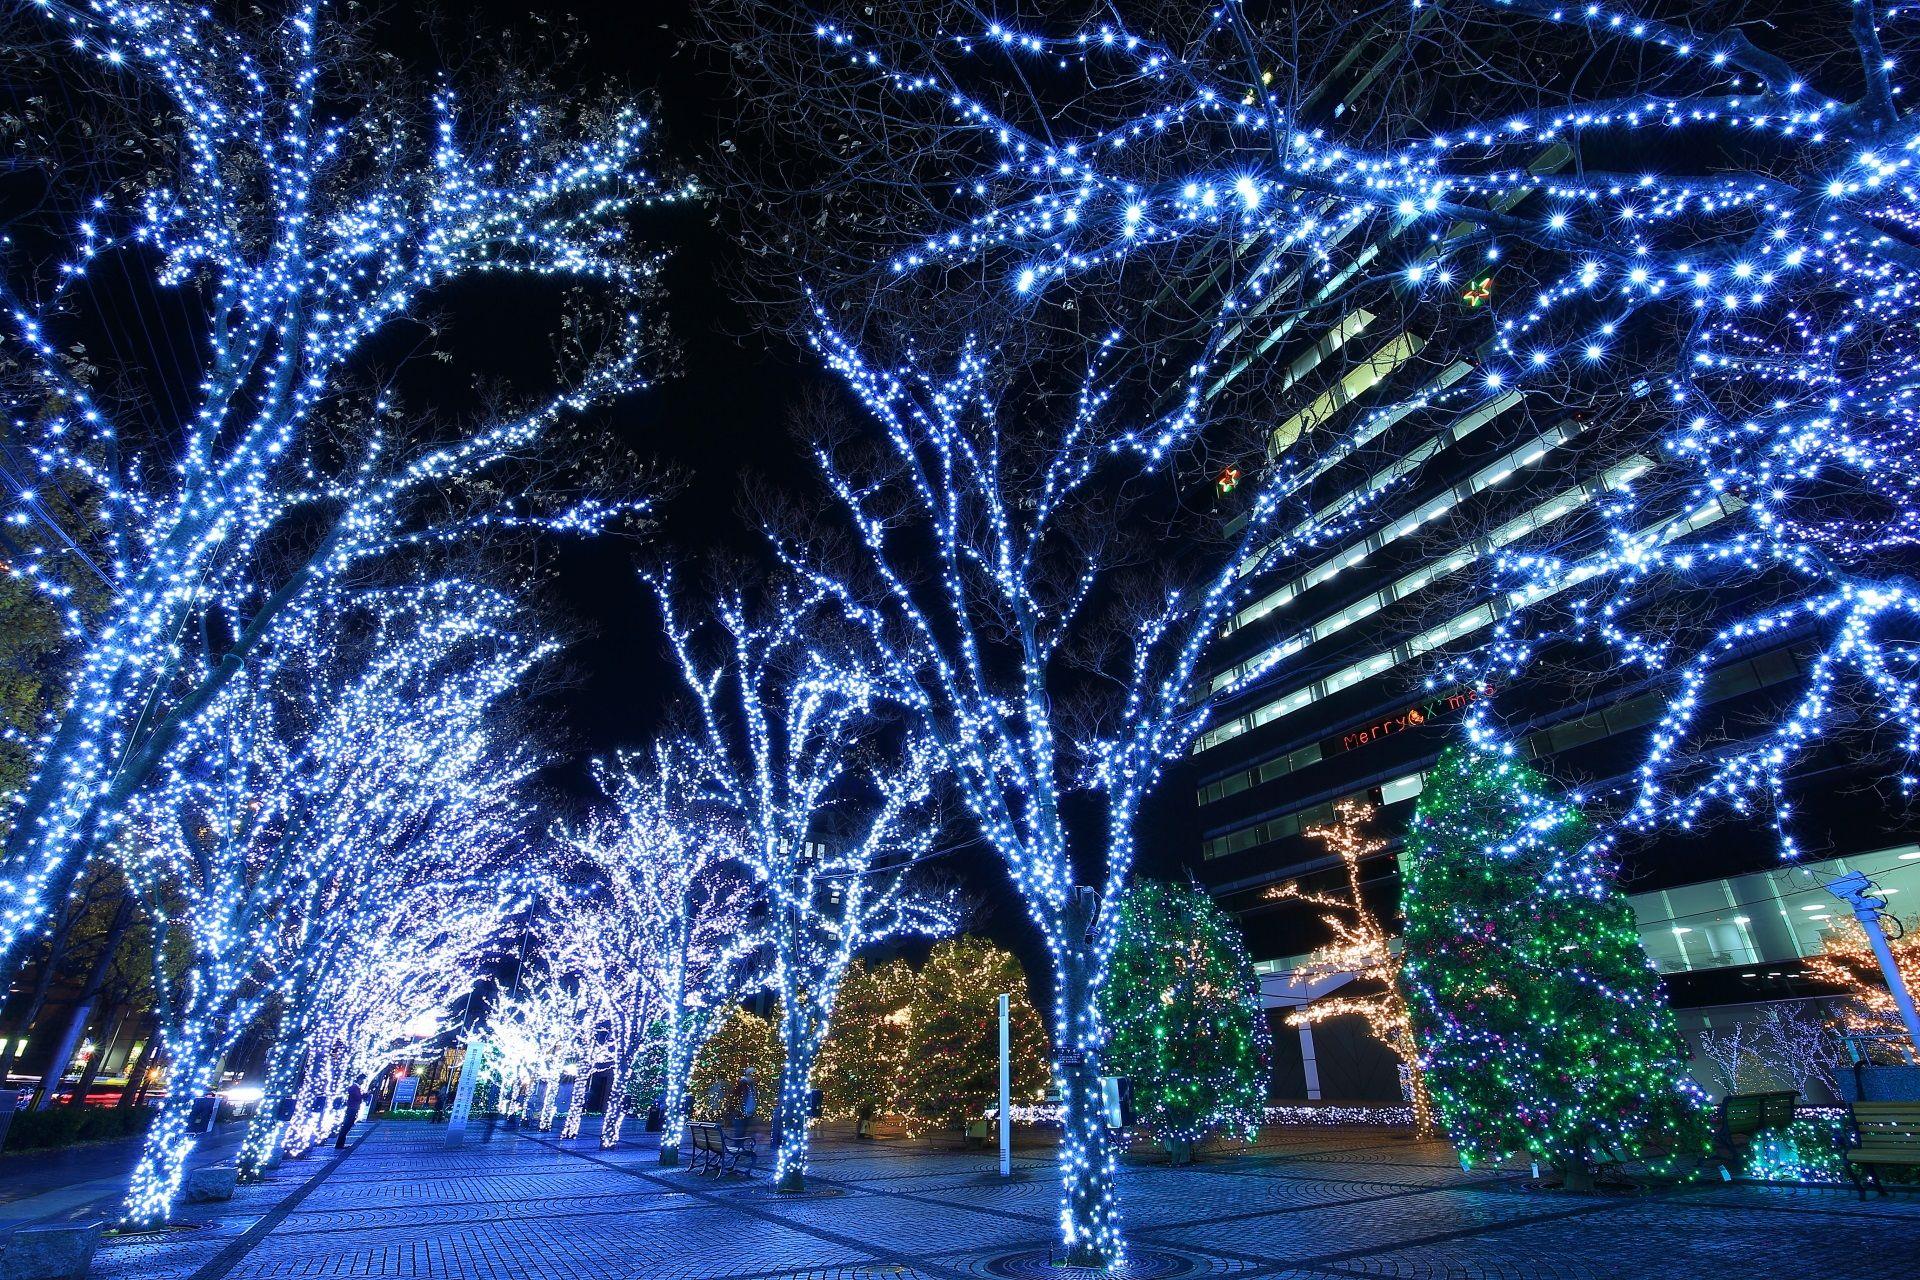 高画質 京セラ本社 イルミネーション 写真 京都 綺麗 イルミネーション 幻想的 京都